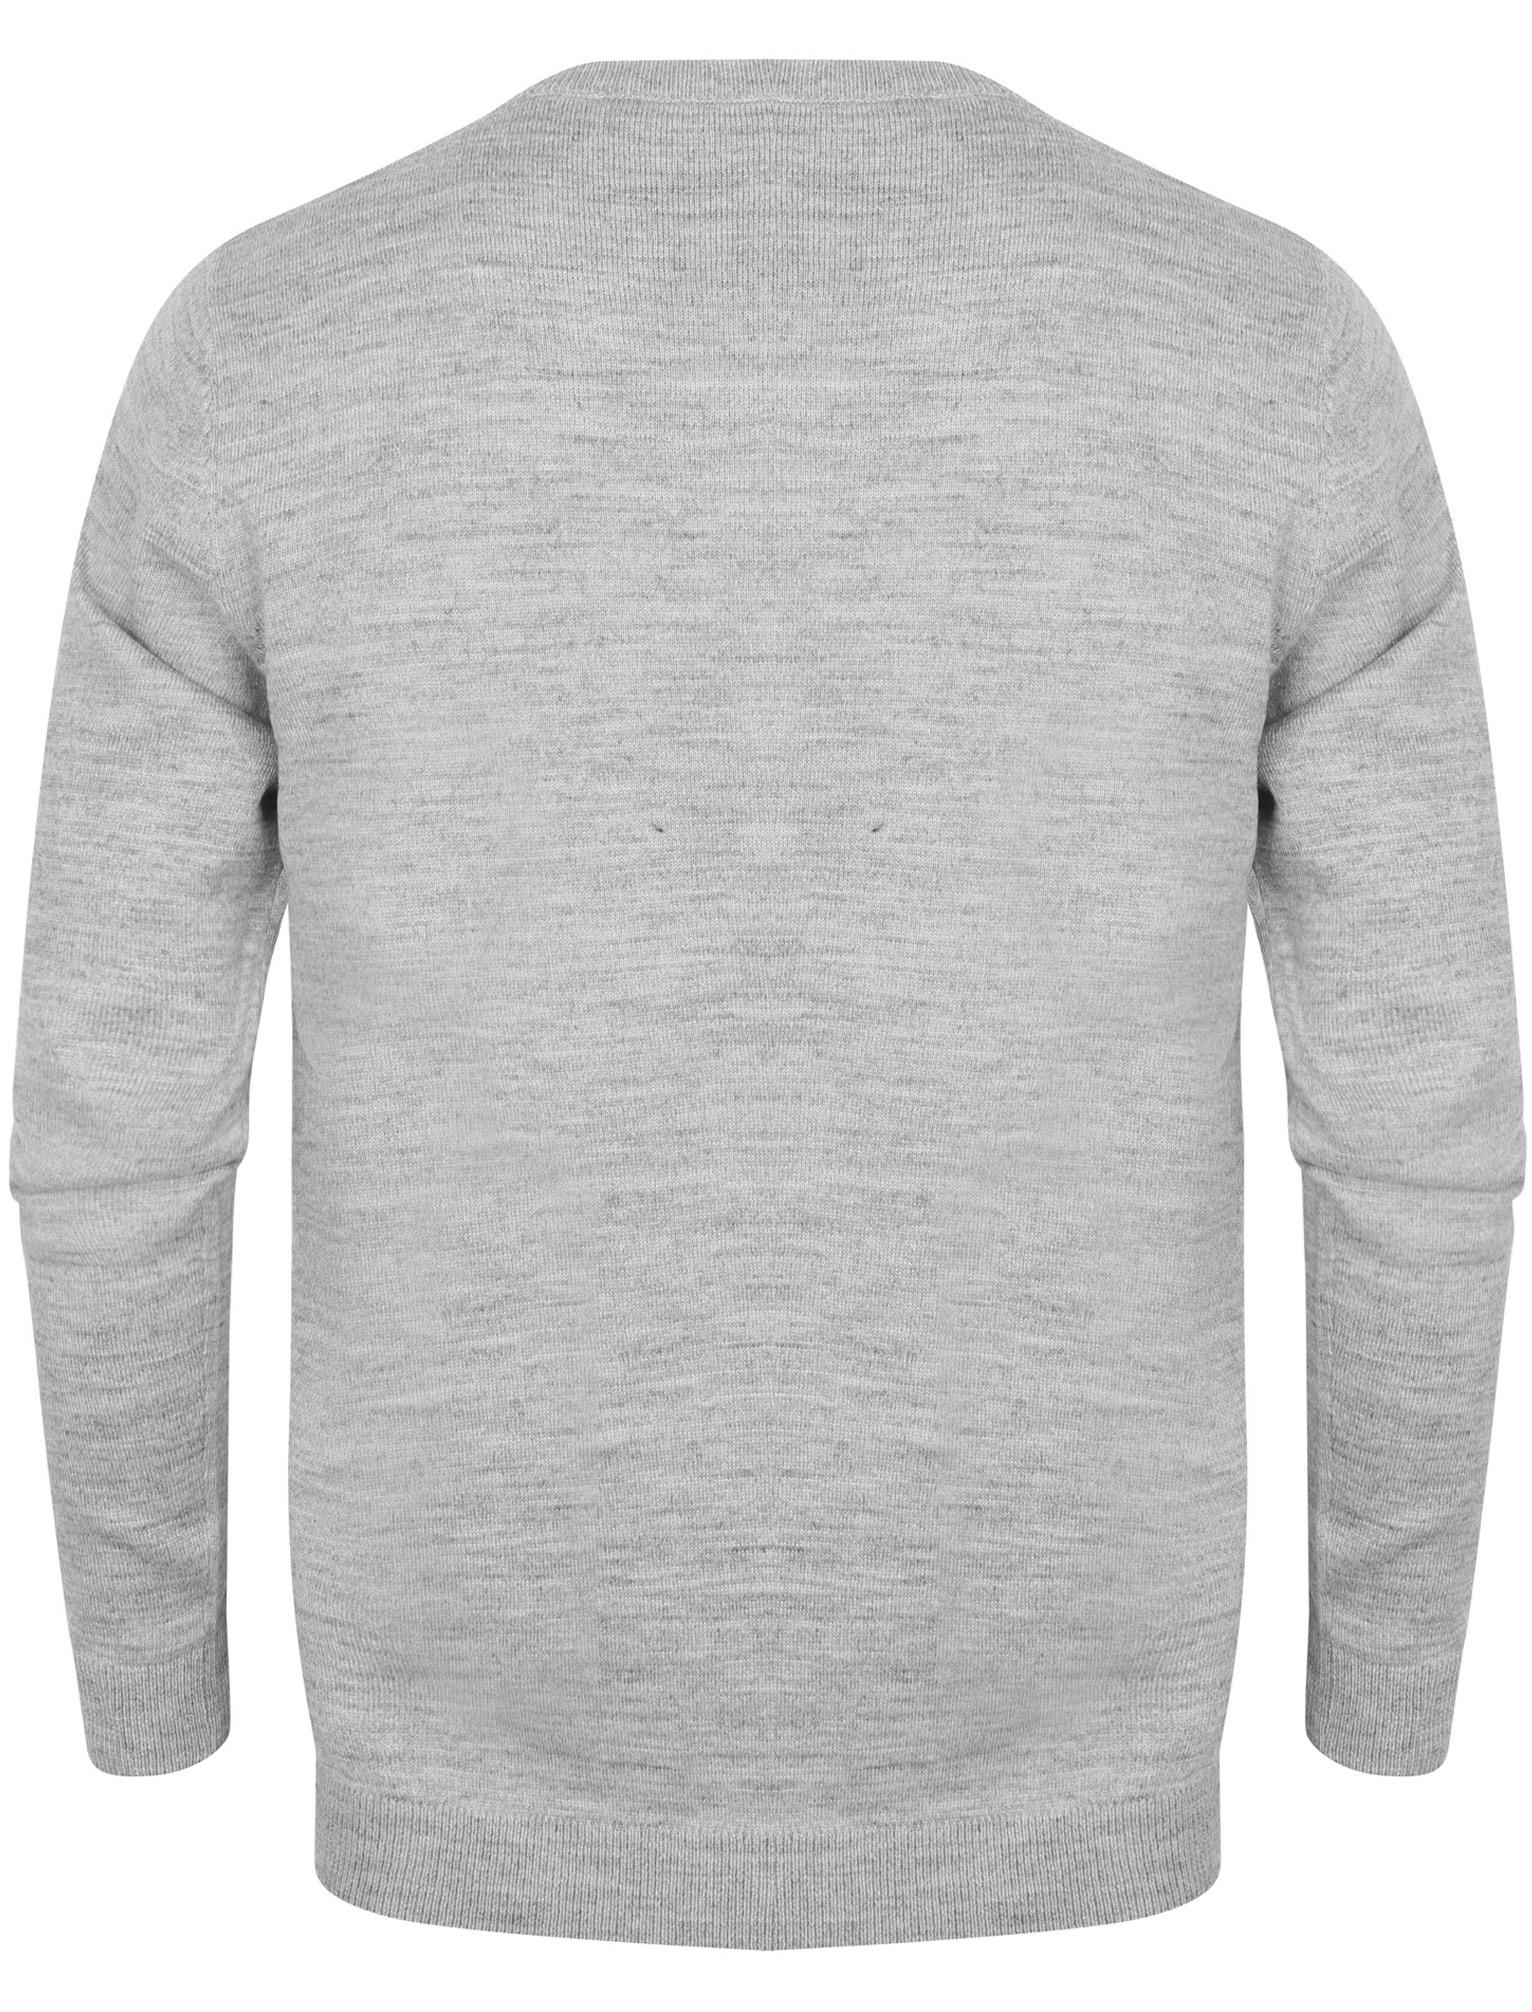 Kensington-Eastside-Men-039-s-Wool-Blend-Knitted-Crew-or-V-Neck-Jumper-Sweater-Top thumbnail 35